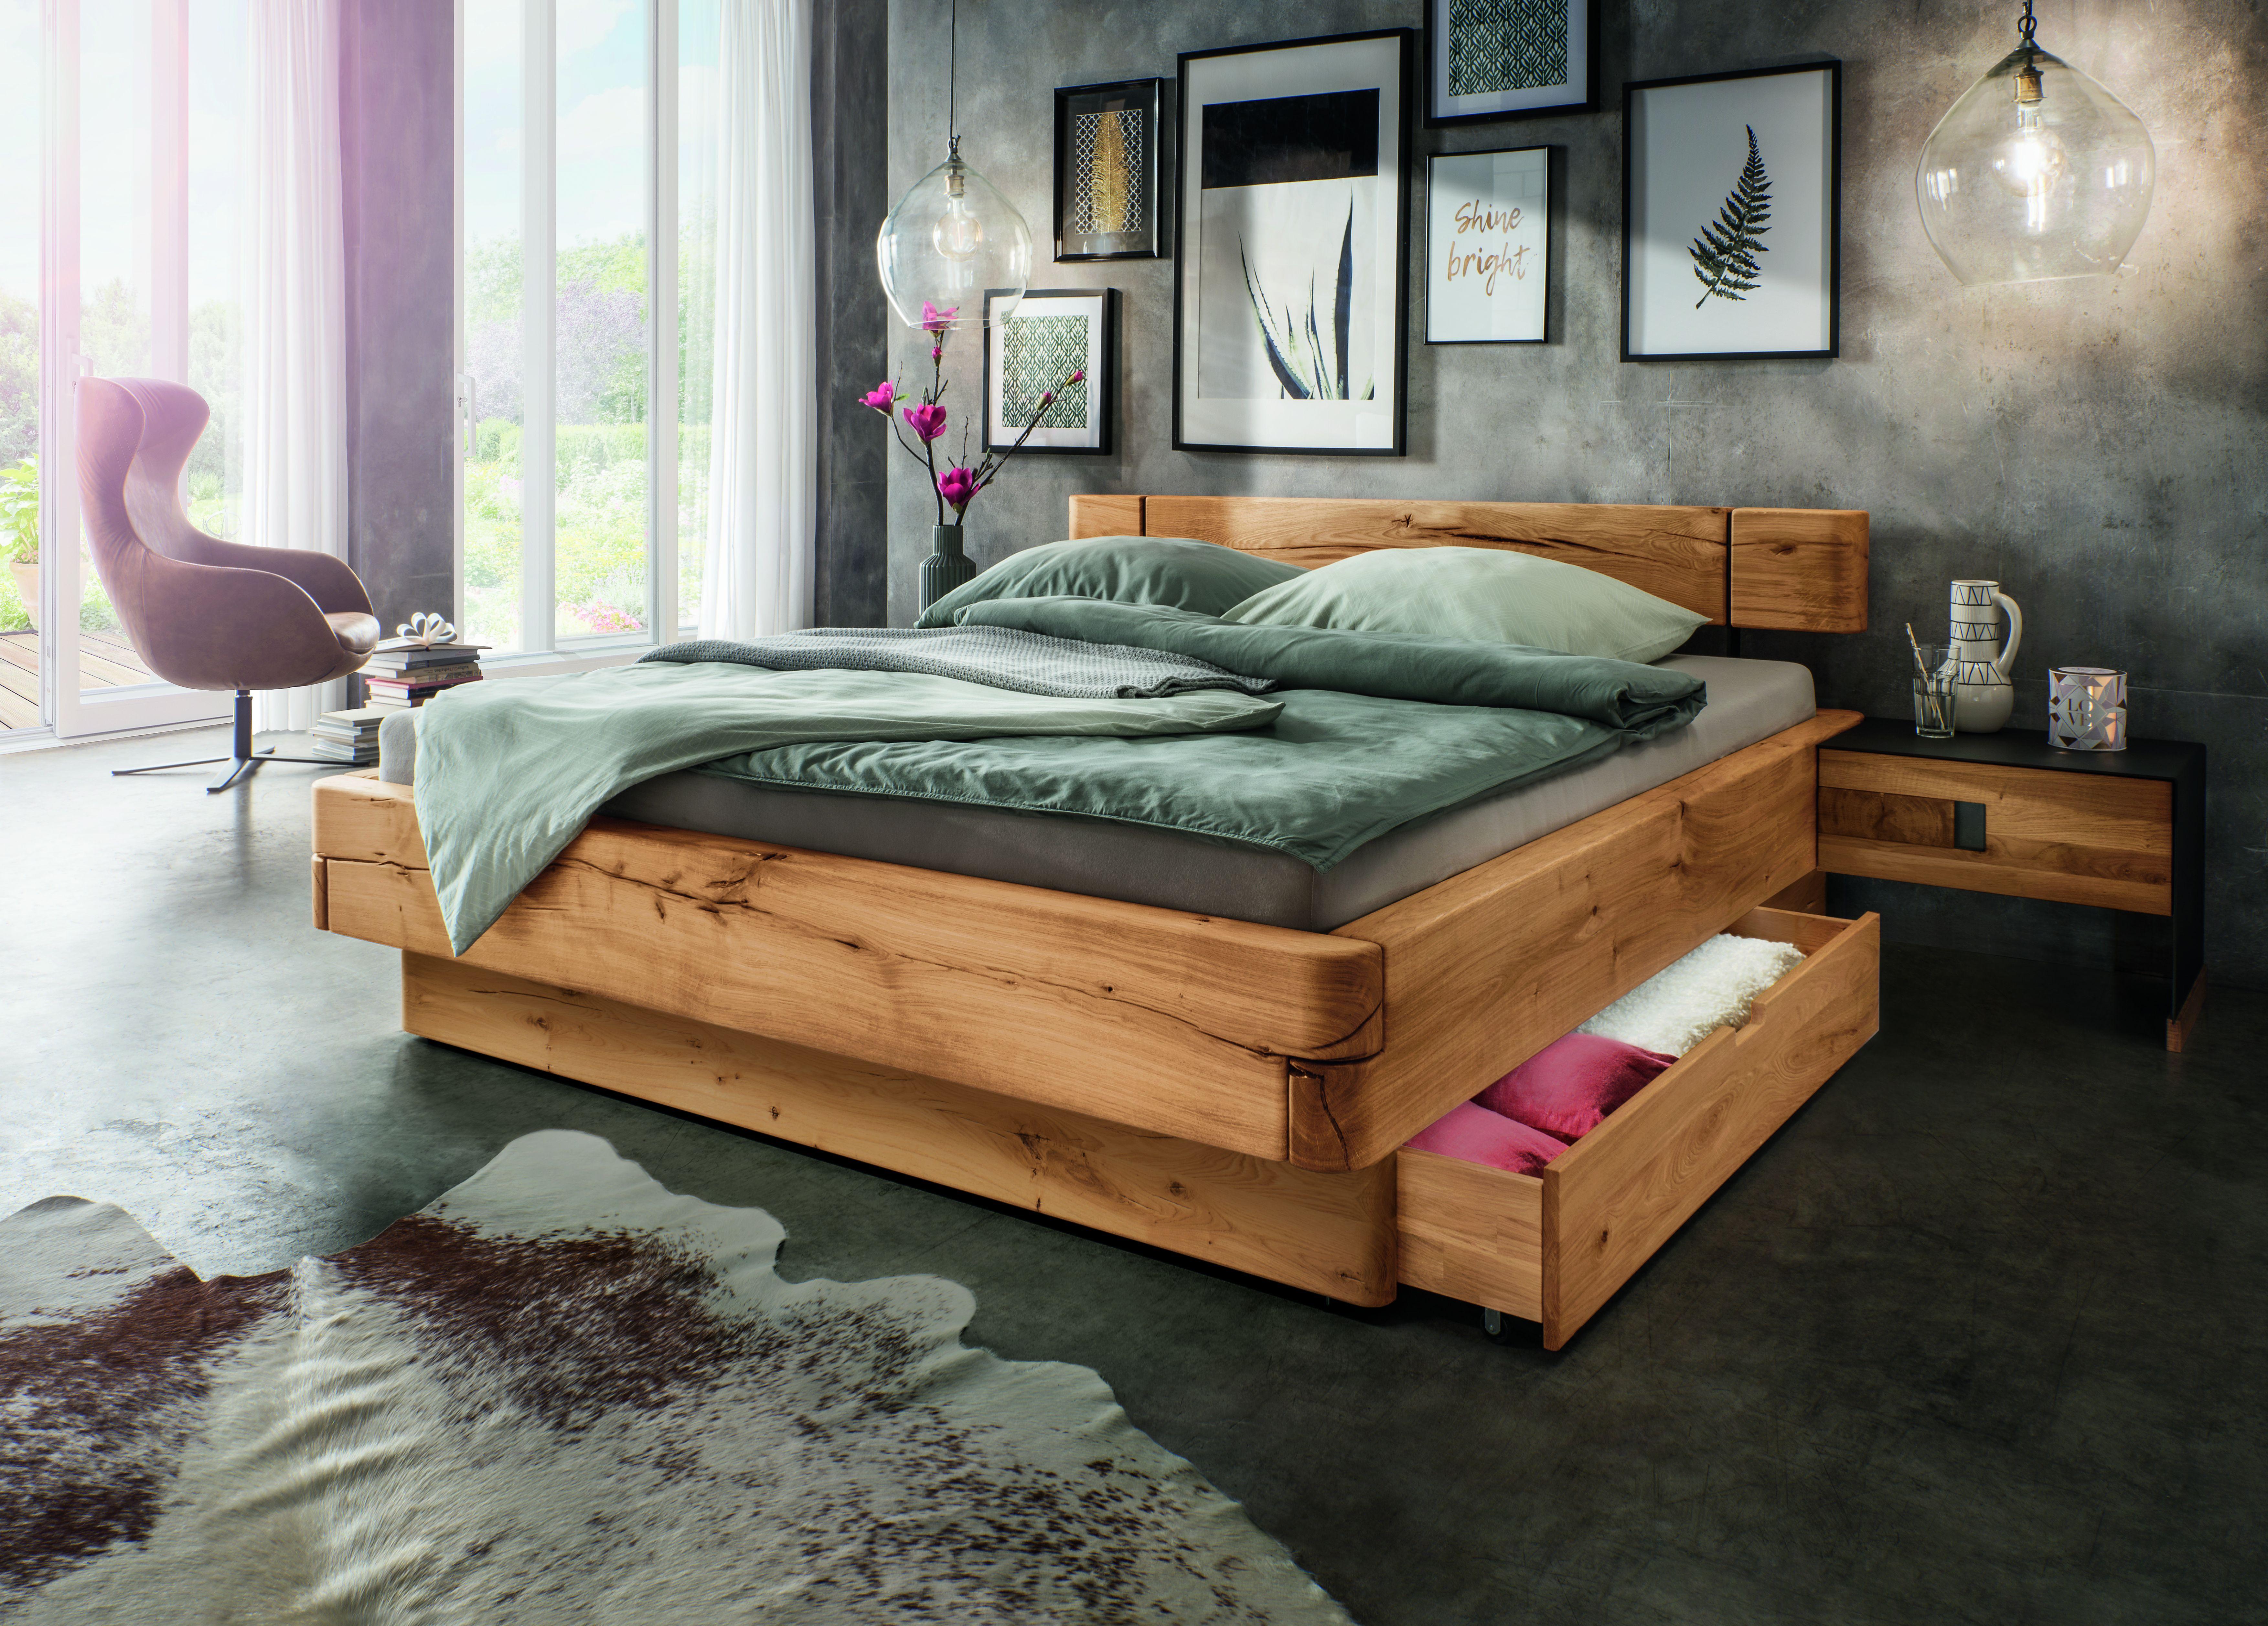 Balkenbett In Massiver Wildeiche Bett Massivholz Bett Bett Mit Schubladen